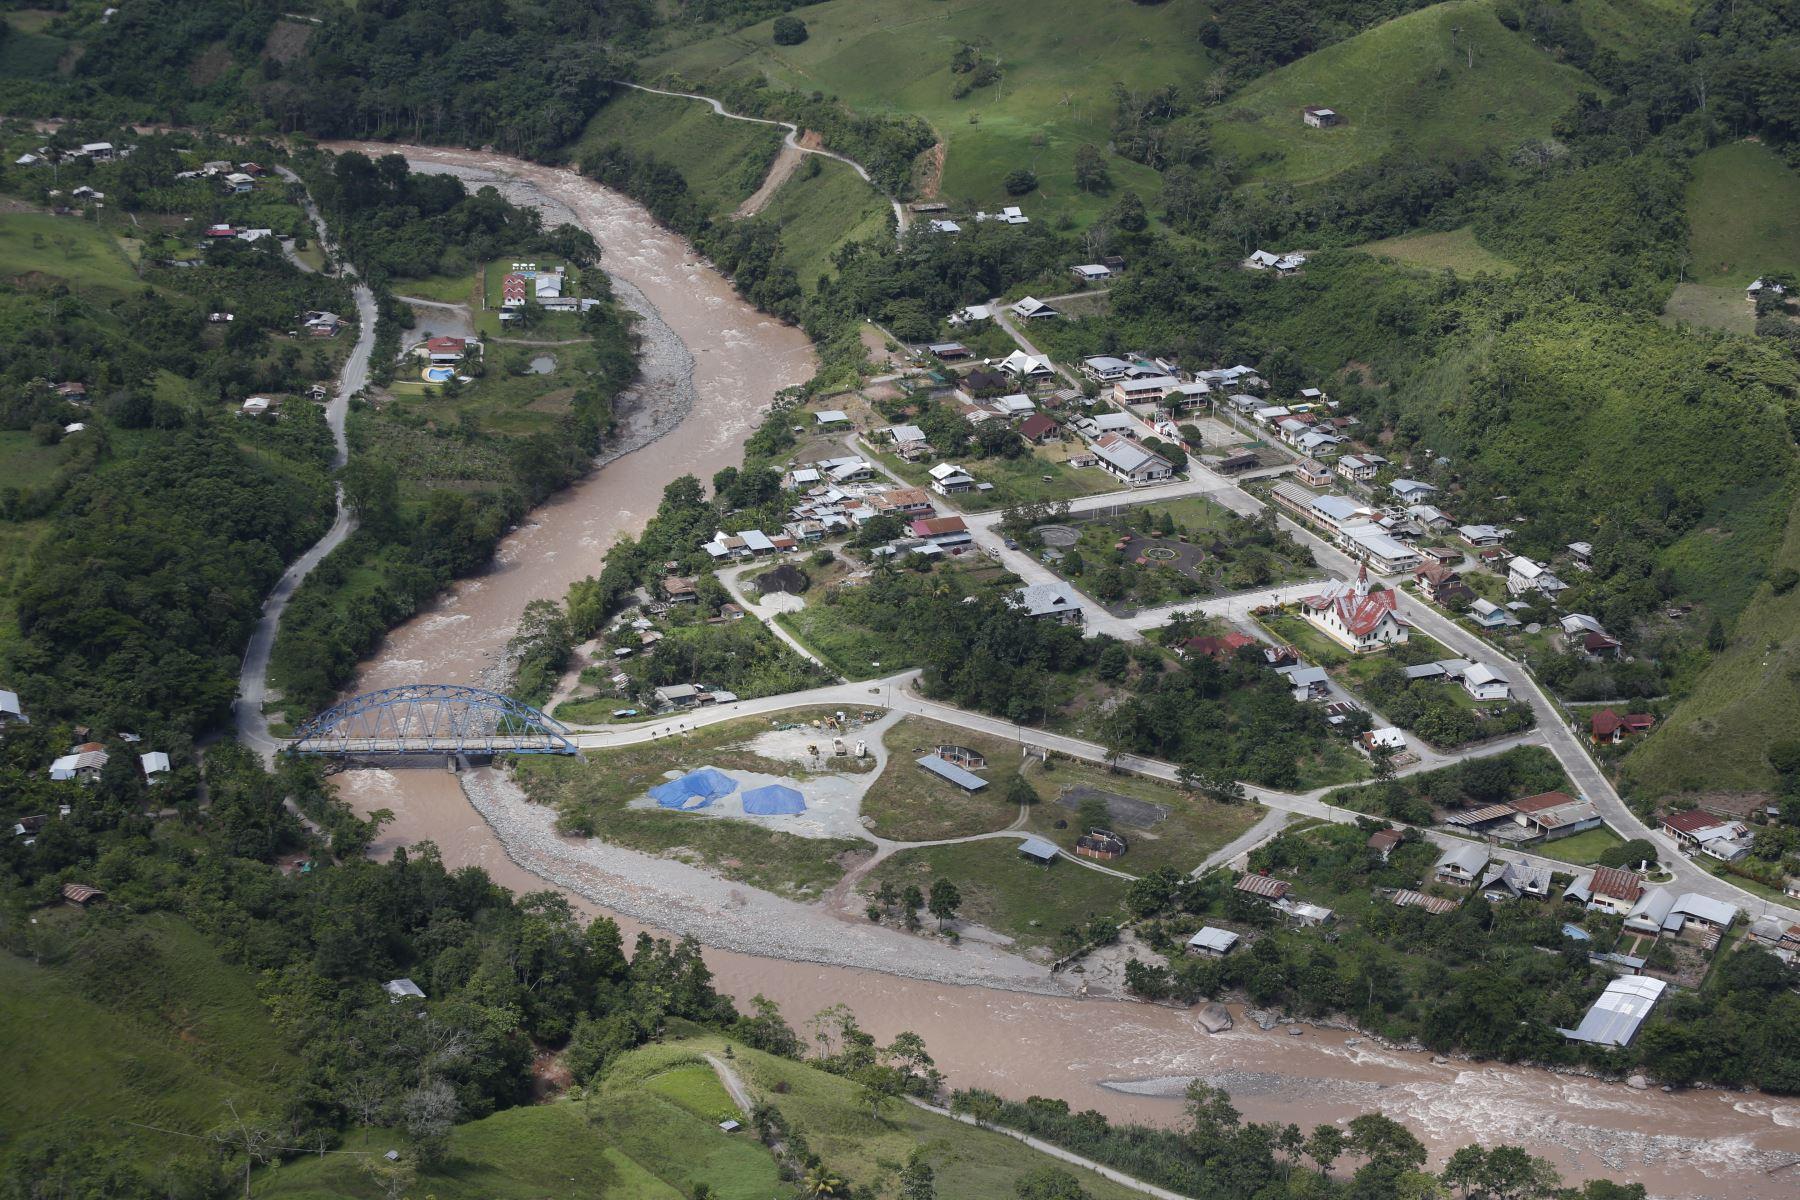 Epicentro del sismo de magnitud 5.7 se ubicó cerca de la localidad de Pozuzo, en la selva de Pasco, informó el IGP. ANDINA/Prensa Presidencia